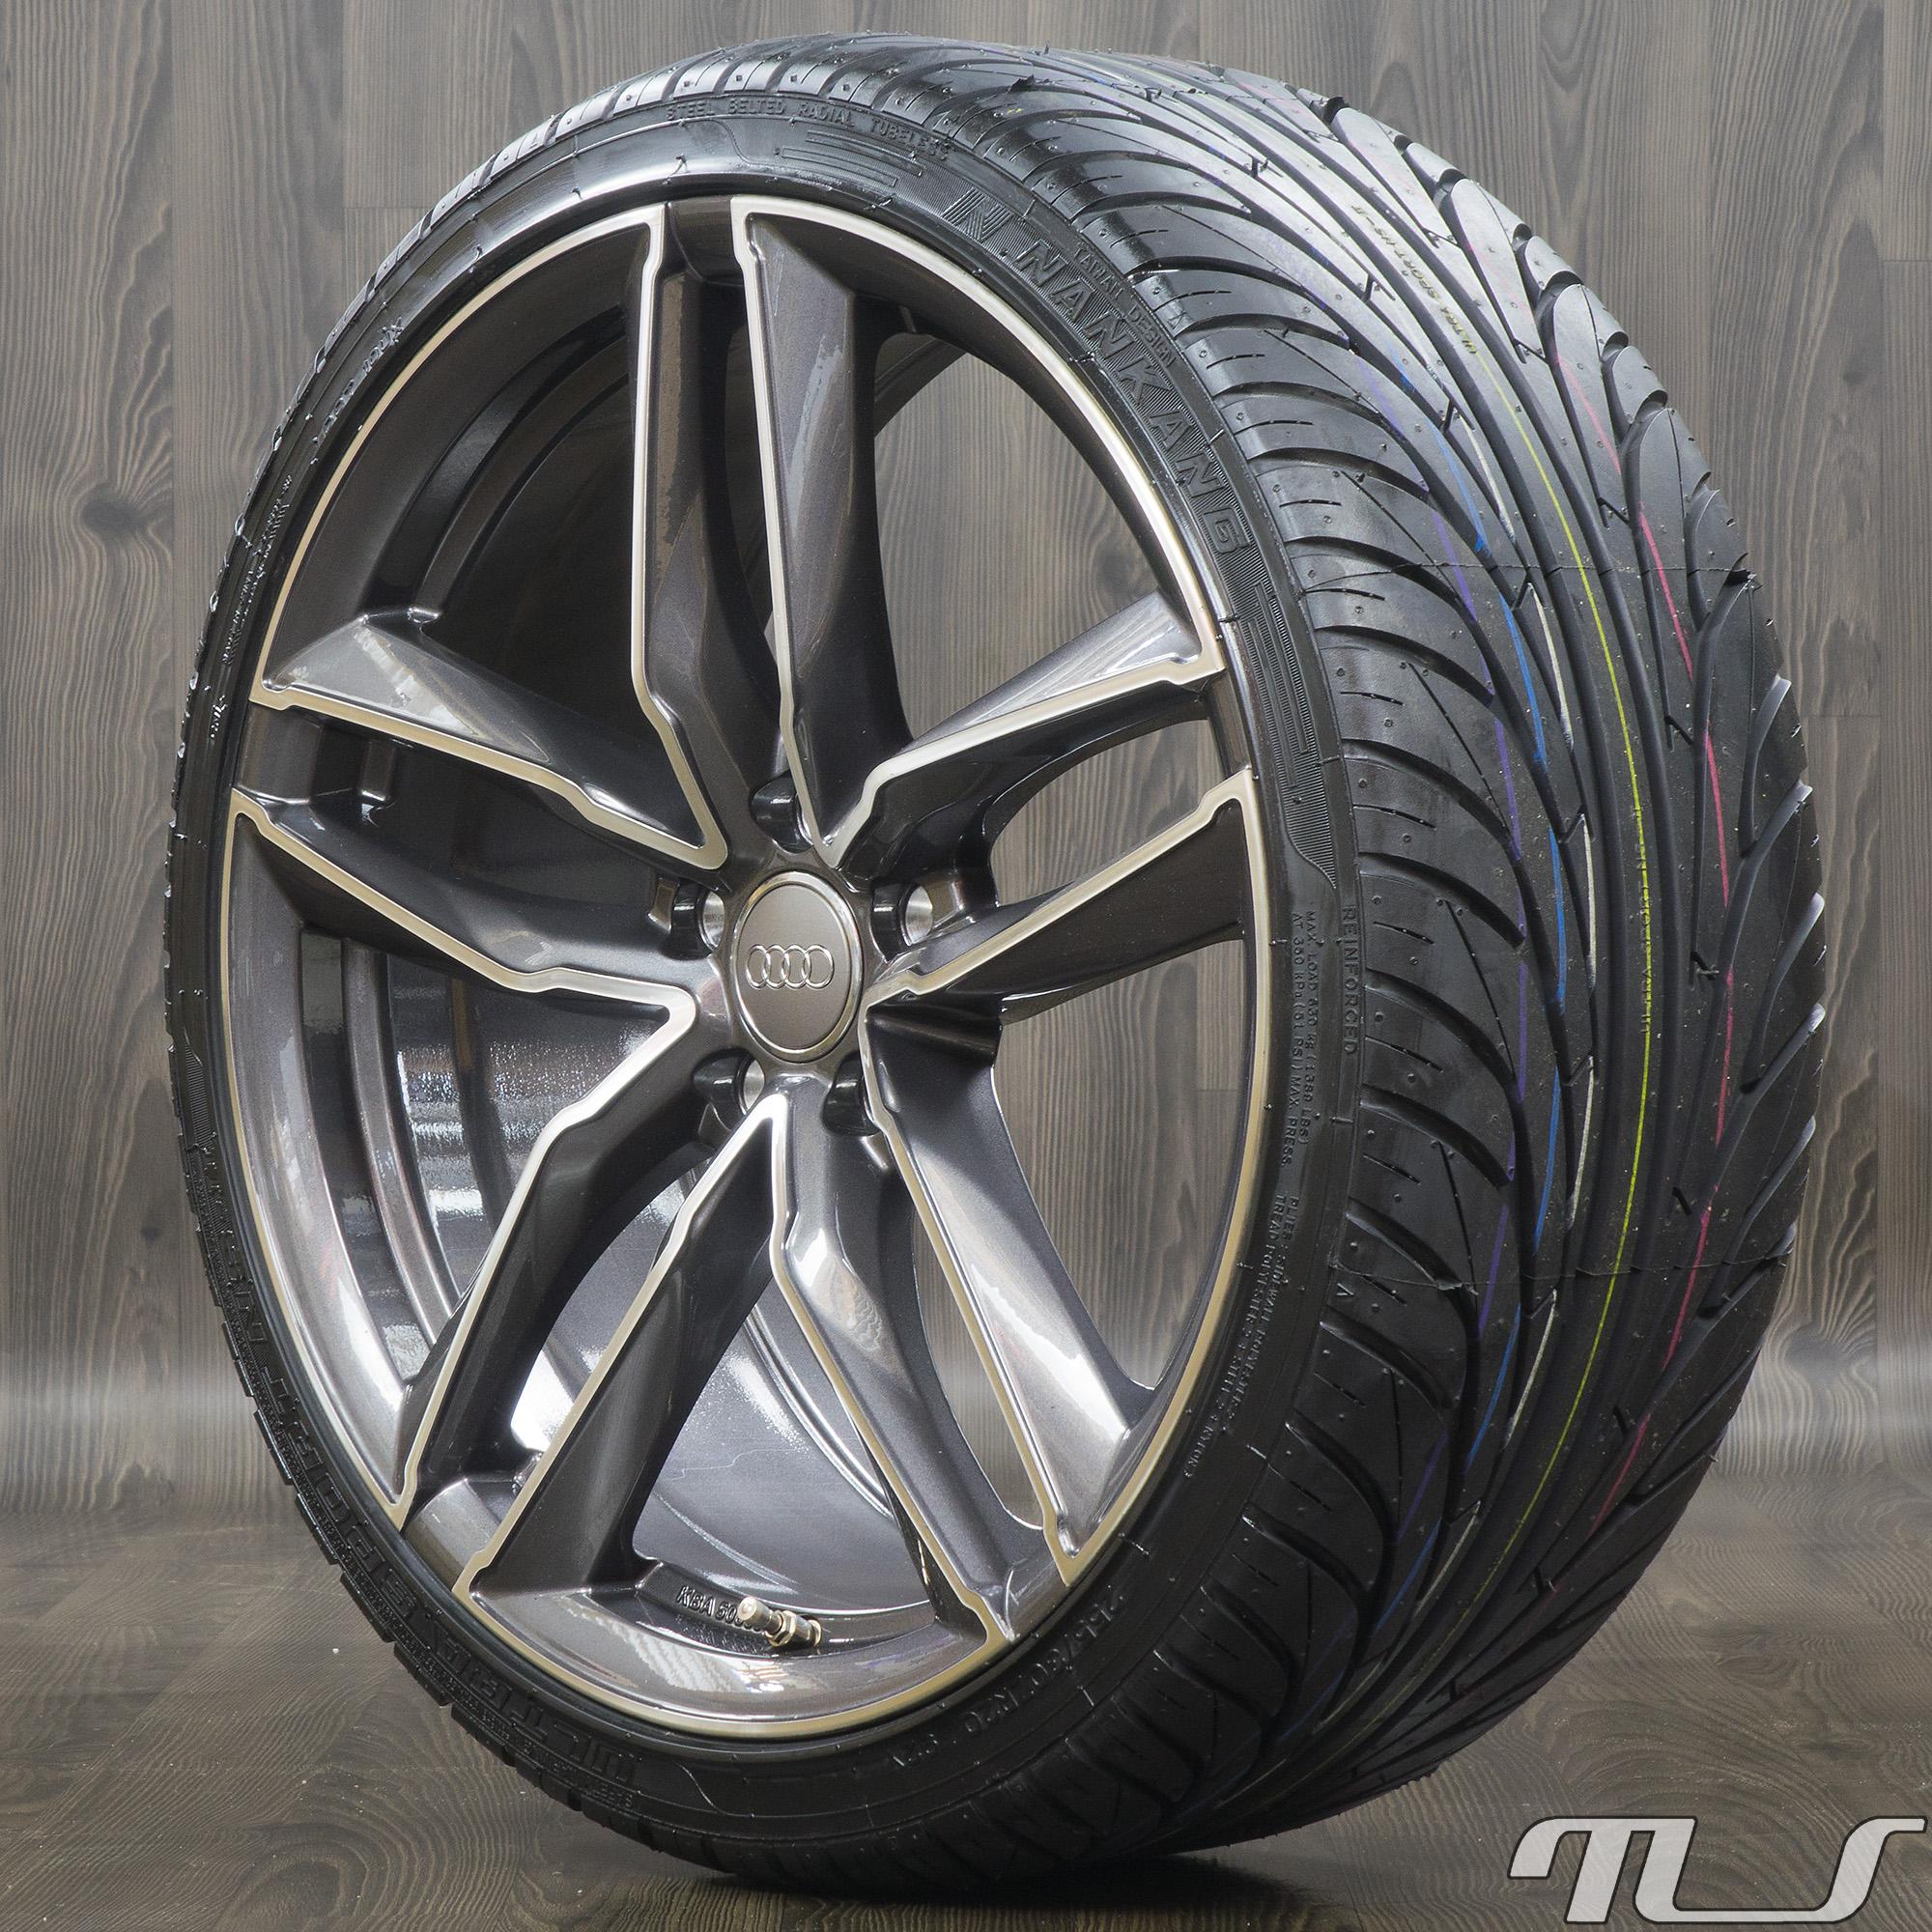 20 inch alloy wheels for audi a3 a4 a5 a6 a7 q3 q5 tt. Black Bedroom Furniture Sets. Home Design Ideas